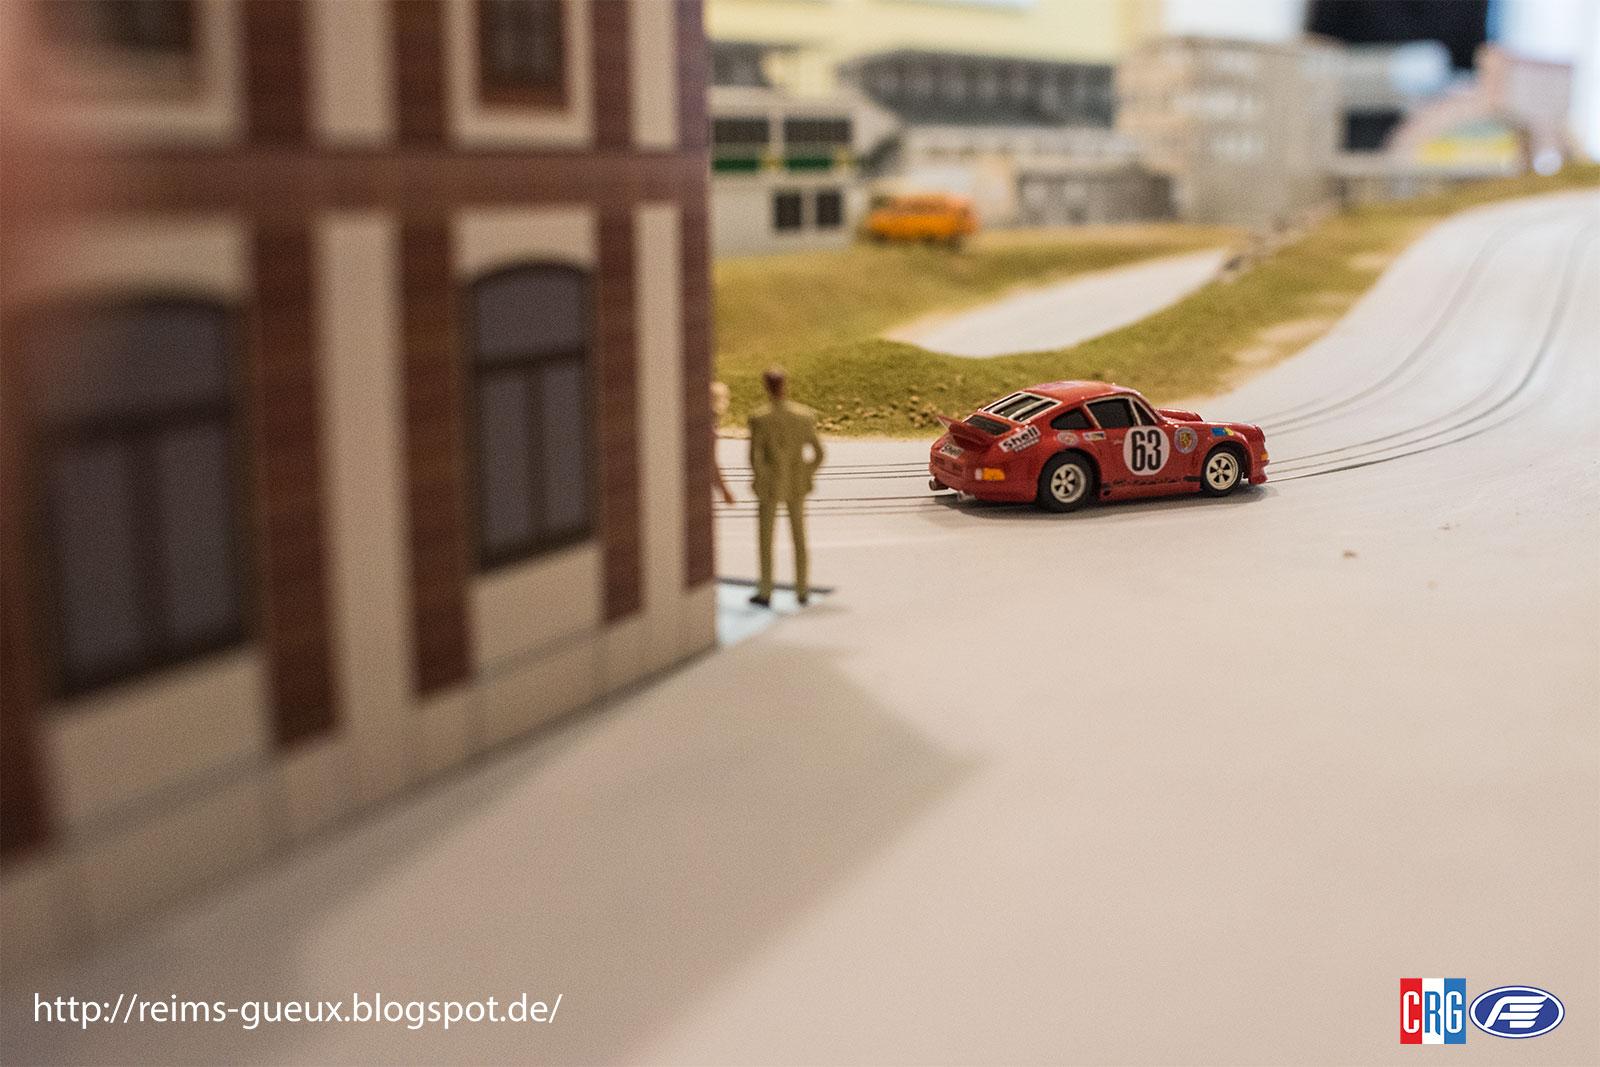 Elektrisches Spielzeug 957g Motor Slot Nicht Getestet Für Auto Rennstrecke Without Return Spielzeug